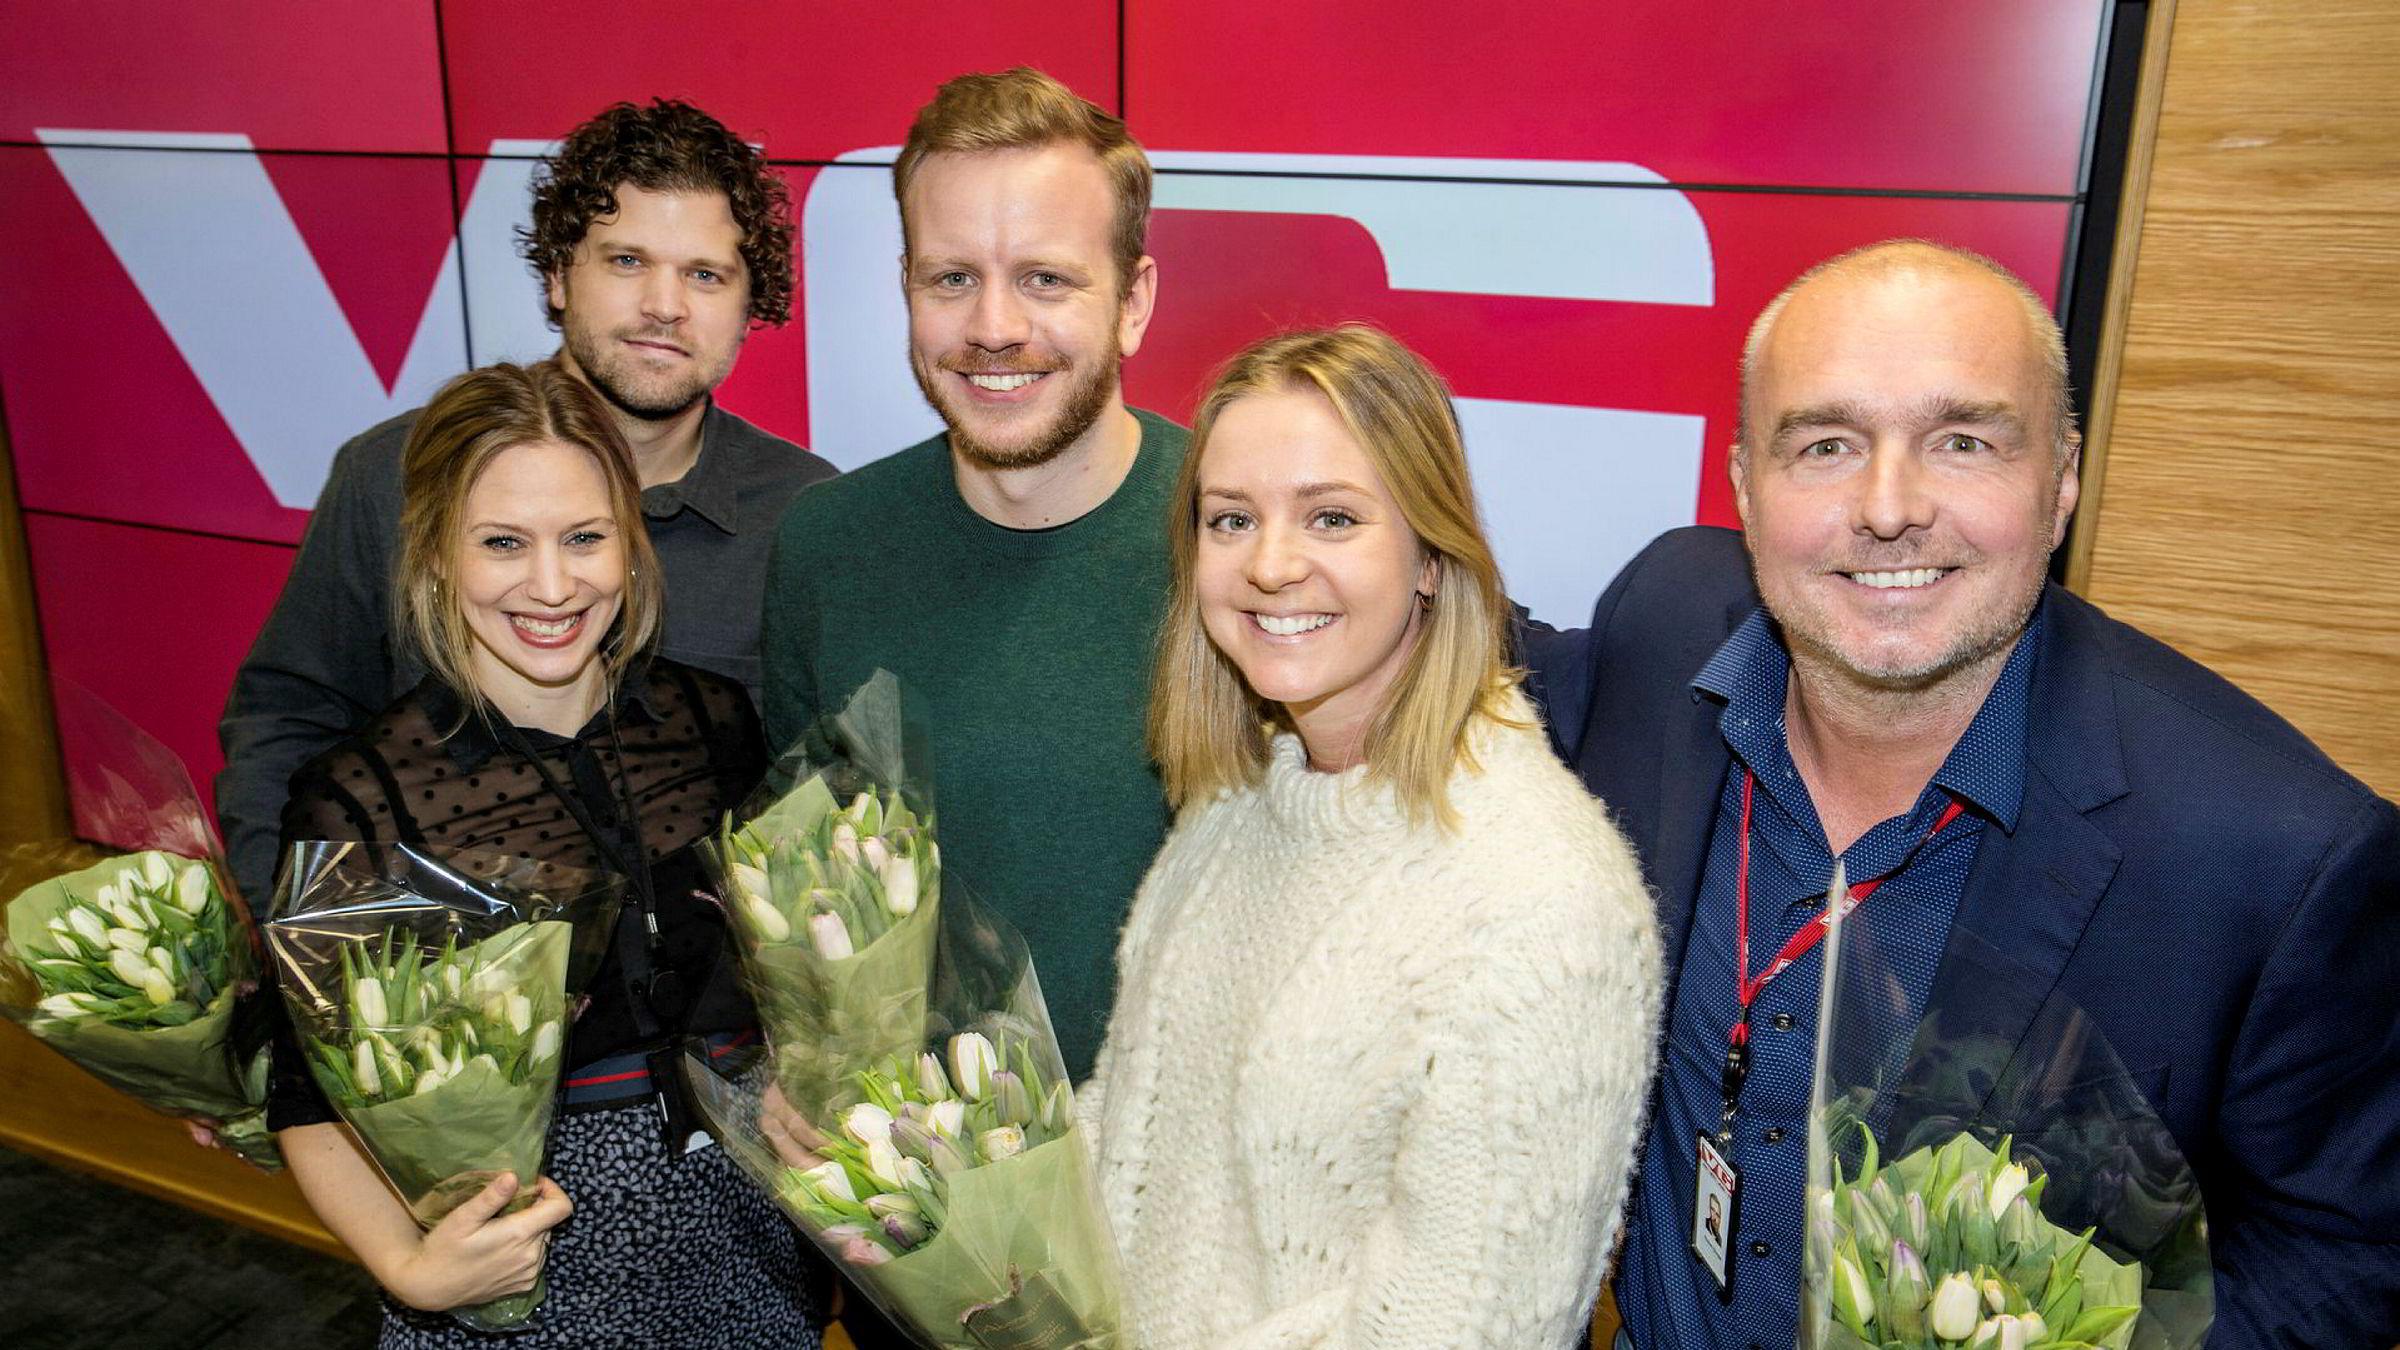 VG ansetter seks nye sjefer. Fra venstre: Eva-Therese Loo Grøttum, Eirik Borud, Mathias Jørgensen, Randi Elise Midtskogen og Robert Simsø.